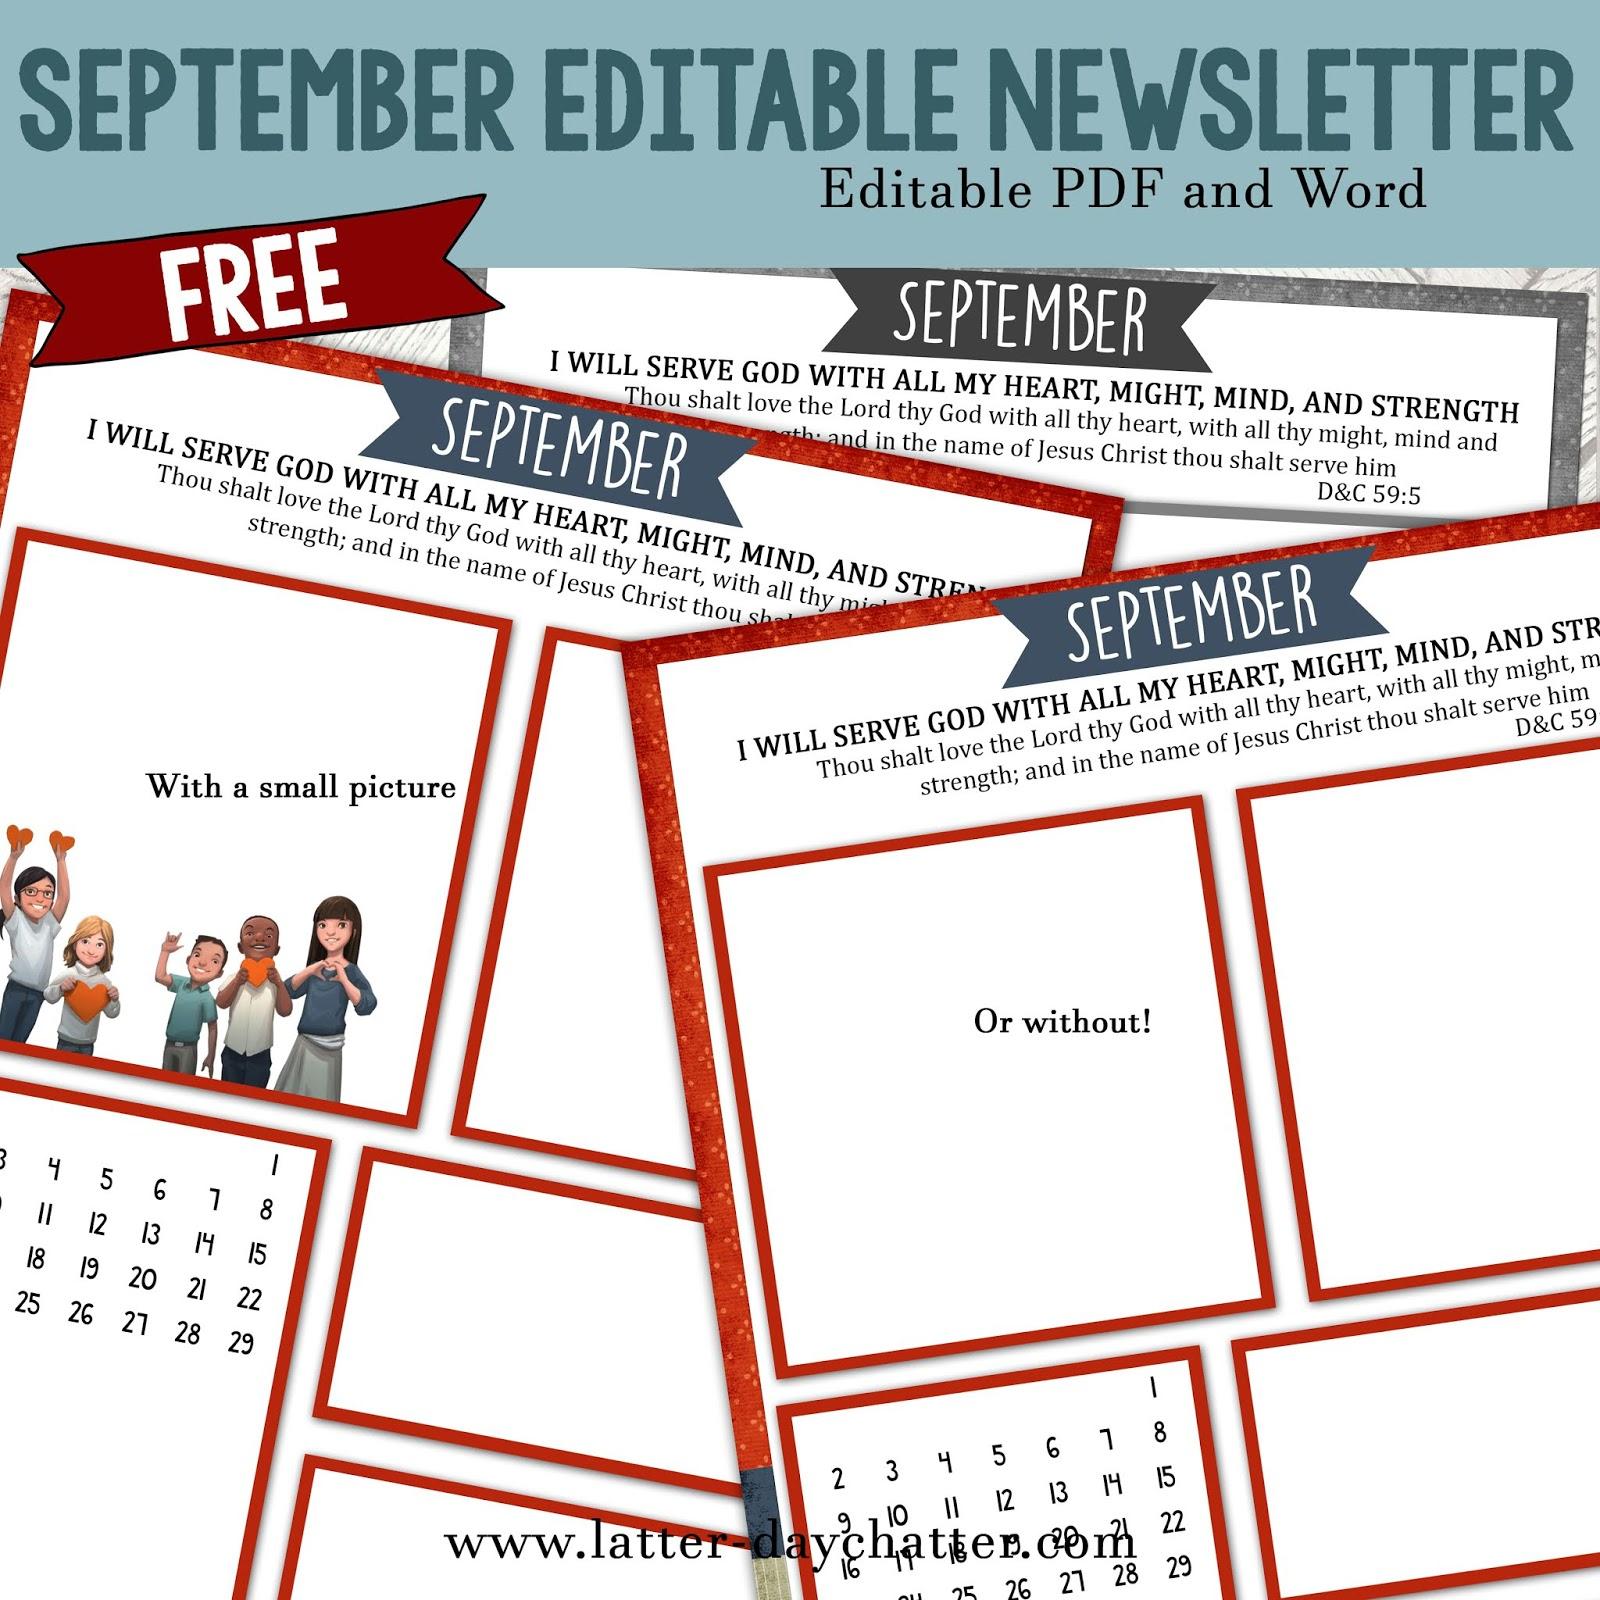 Latter day Chatter September Editable Newsletter